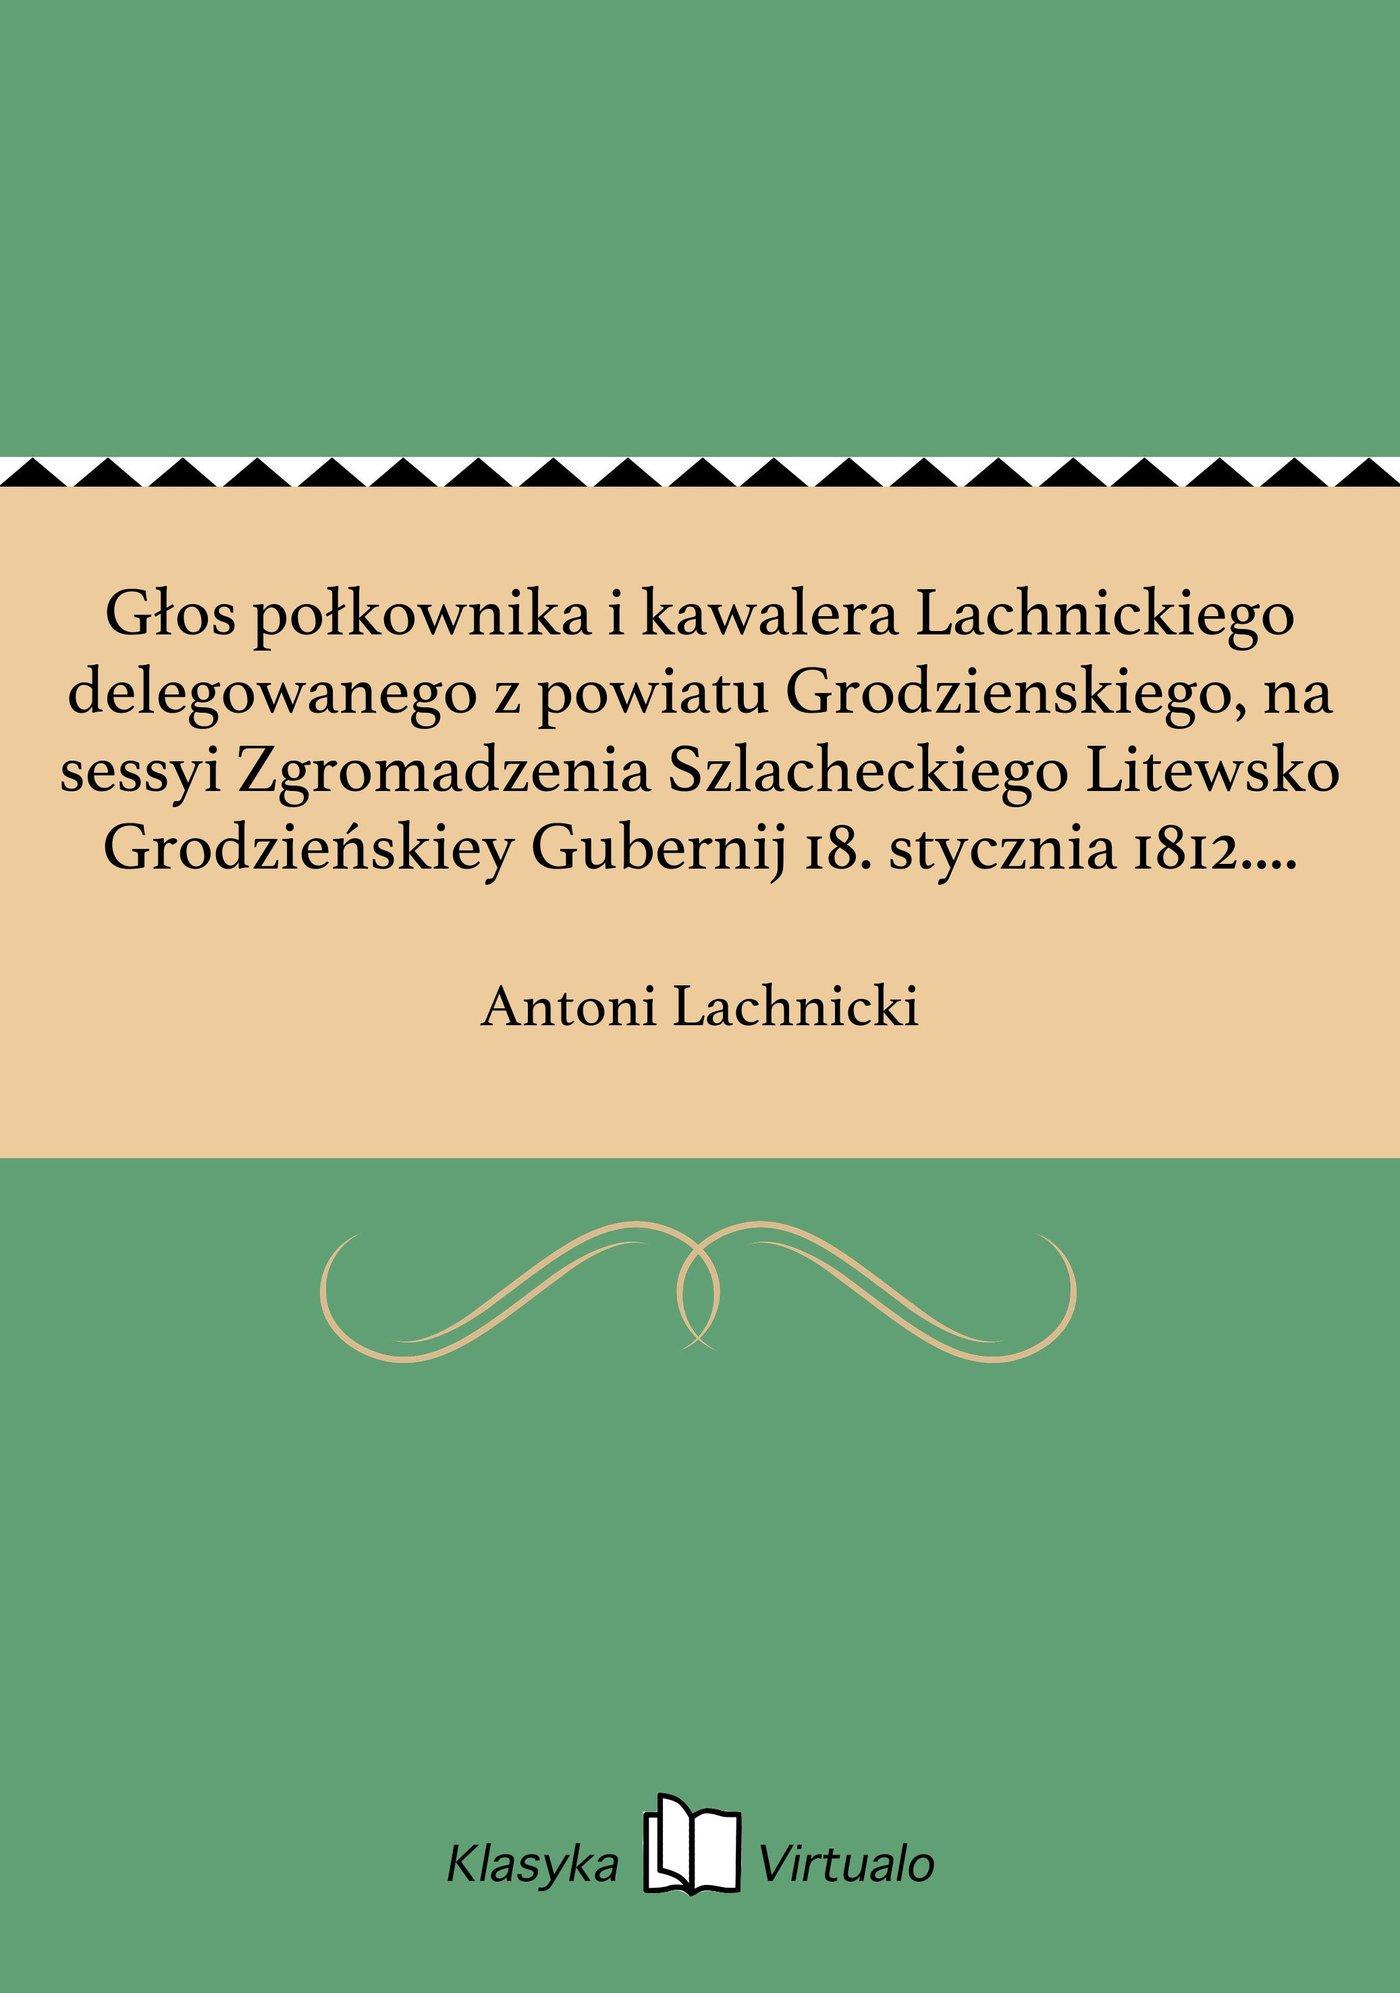 Głos połkownika i kawalera Lachnickiego delegowanego z powiatu Grodzienskiego, na sessyi Zgromadzenia Szlacheckiego Litewsko Grodzieńskiey Gubernij 18. stycznia 1812. roku miany. - Ebook (Książka EPUB) do pobrania w formacie EPUB